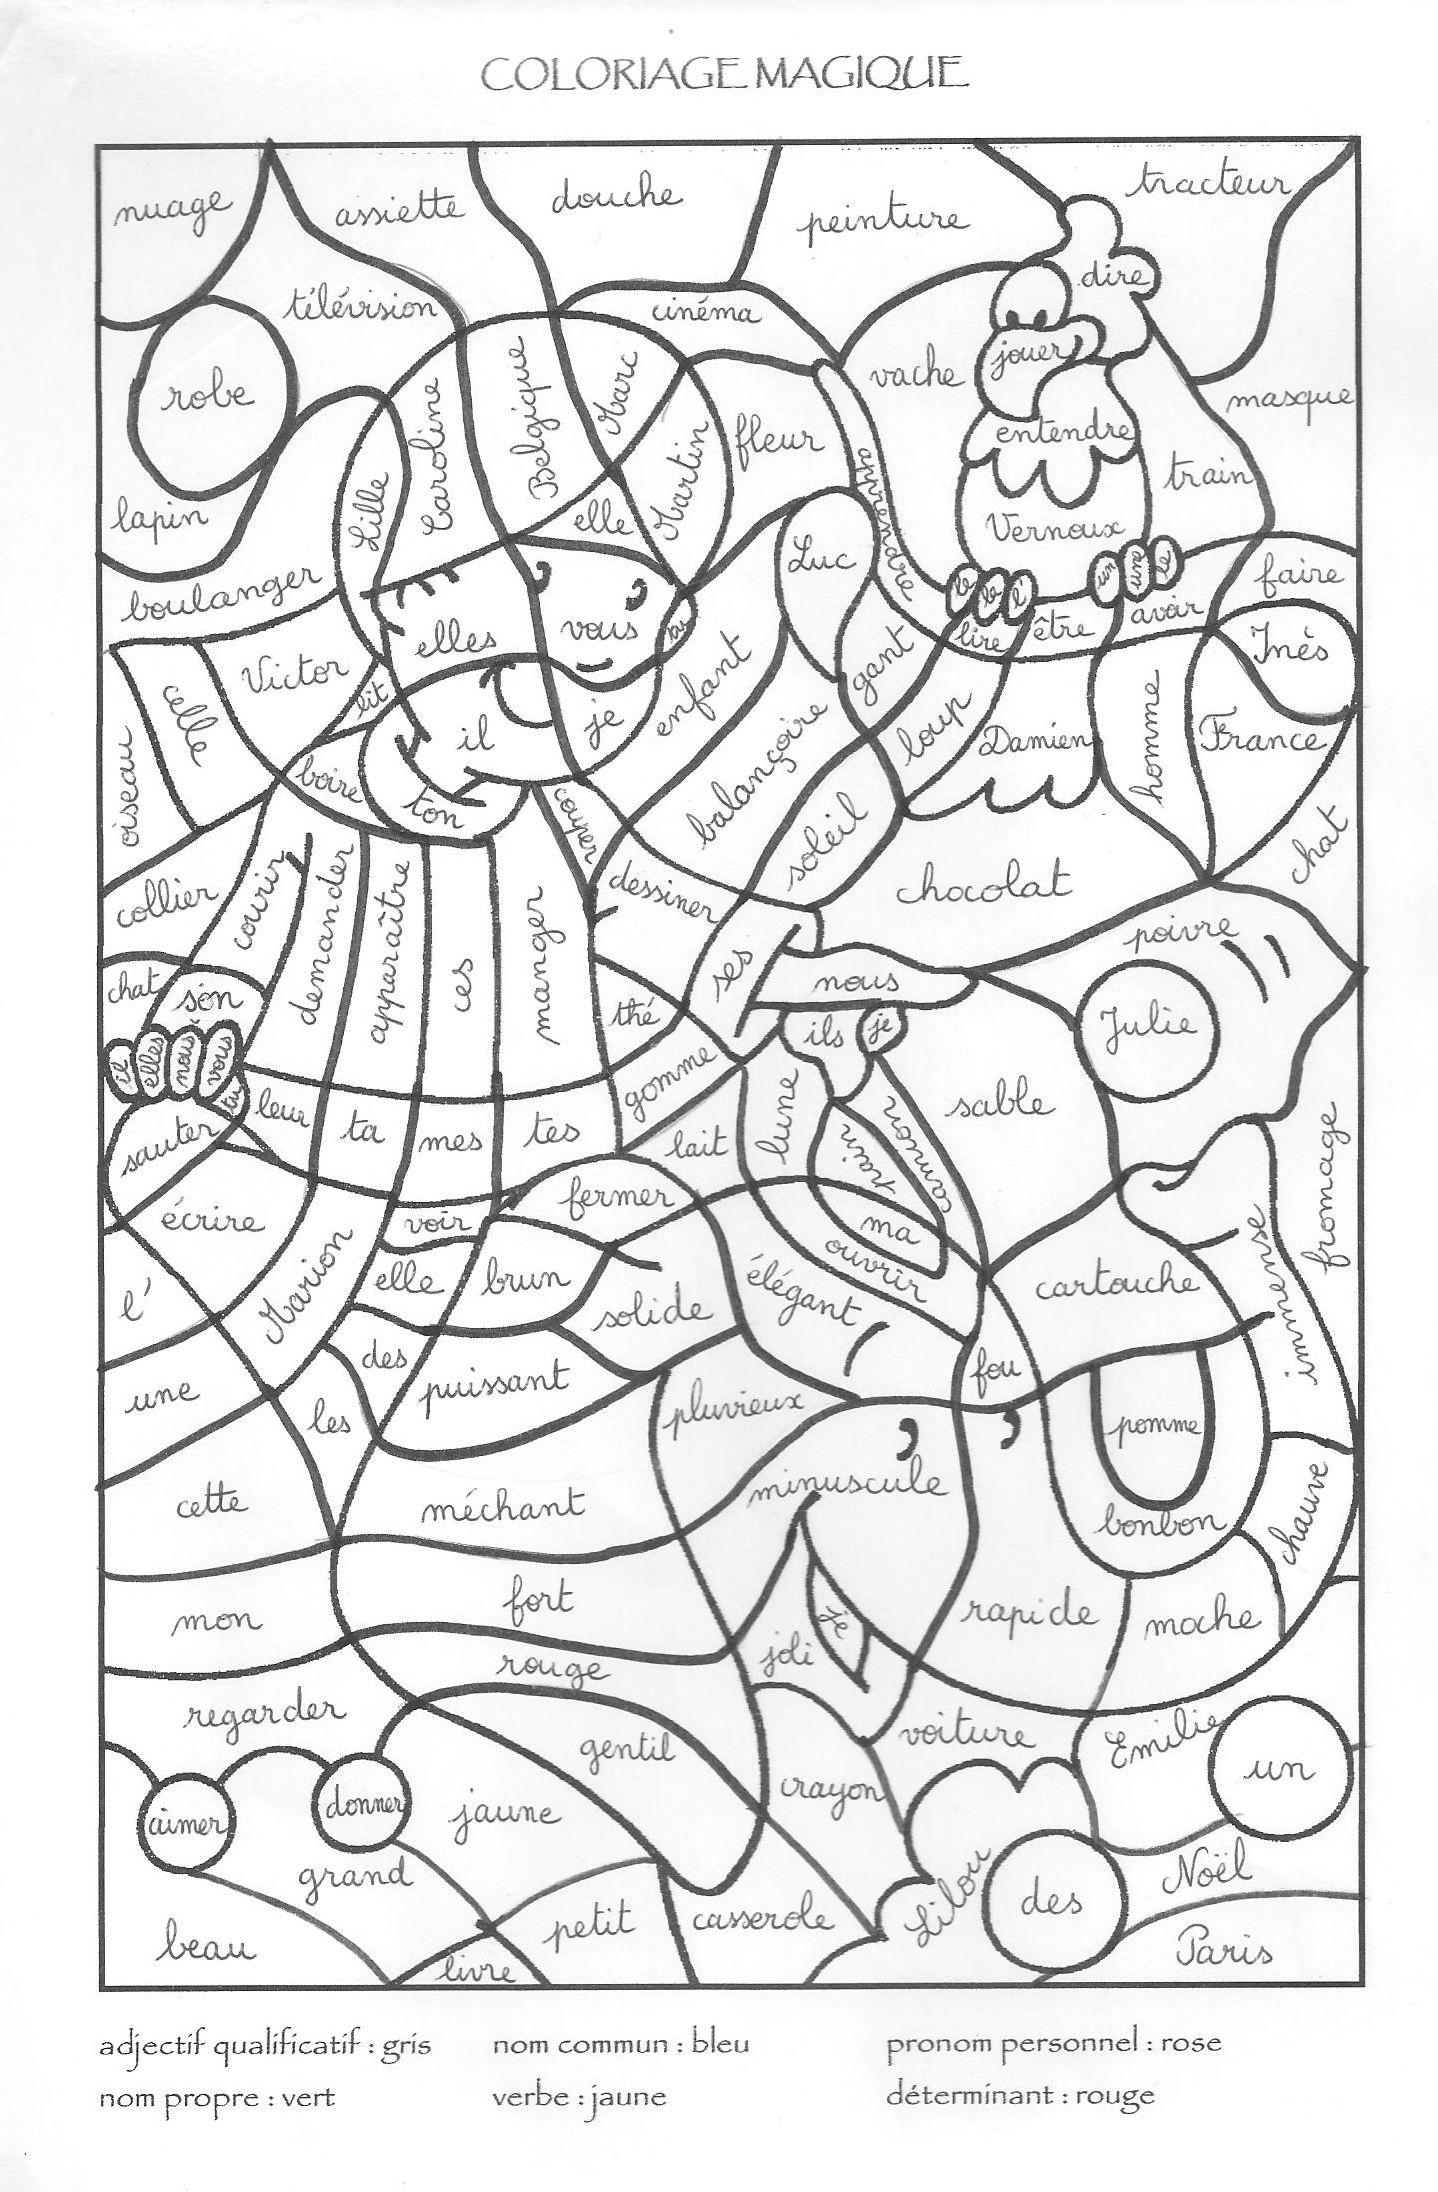 Coloriage Coloriage Magique 2 | Coloriage Magique avec Coloriage Magique Français Cp